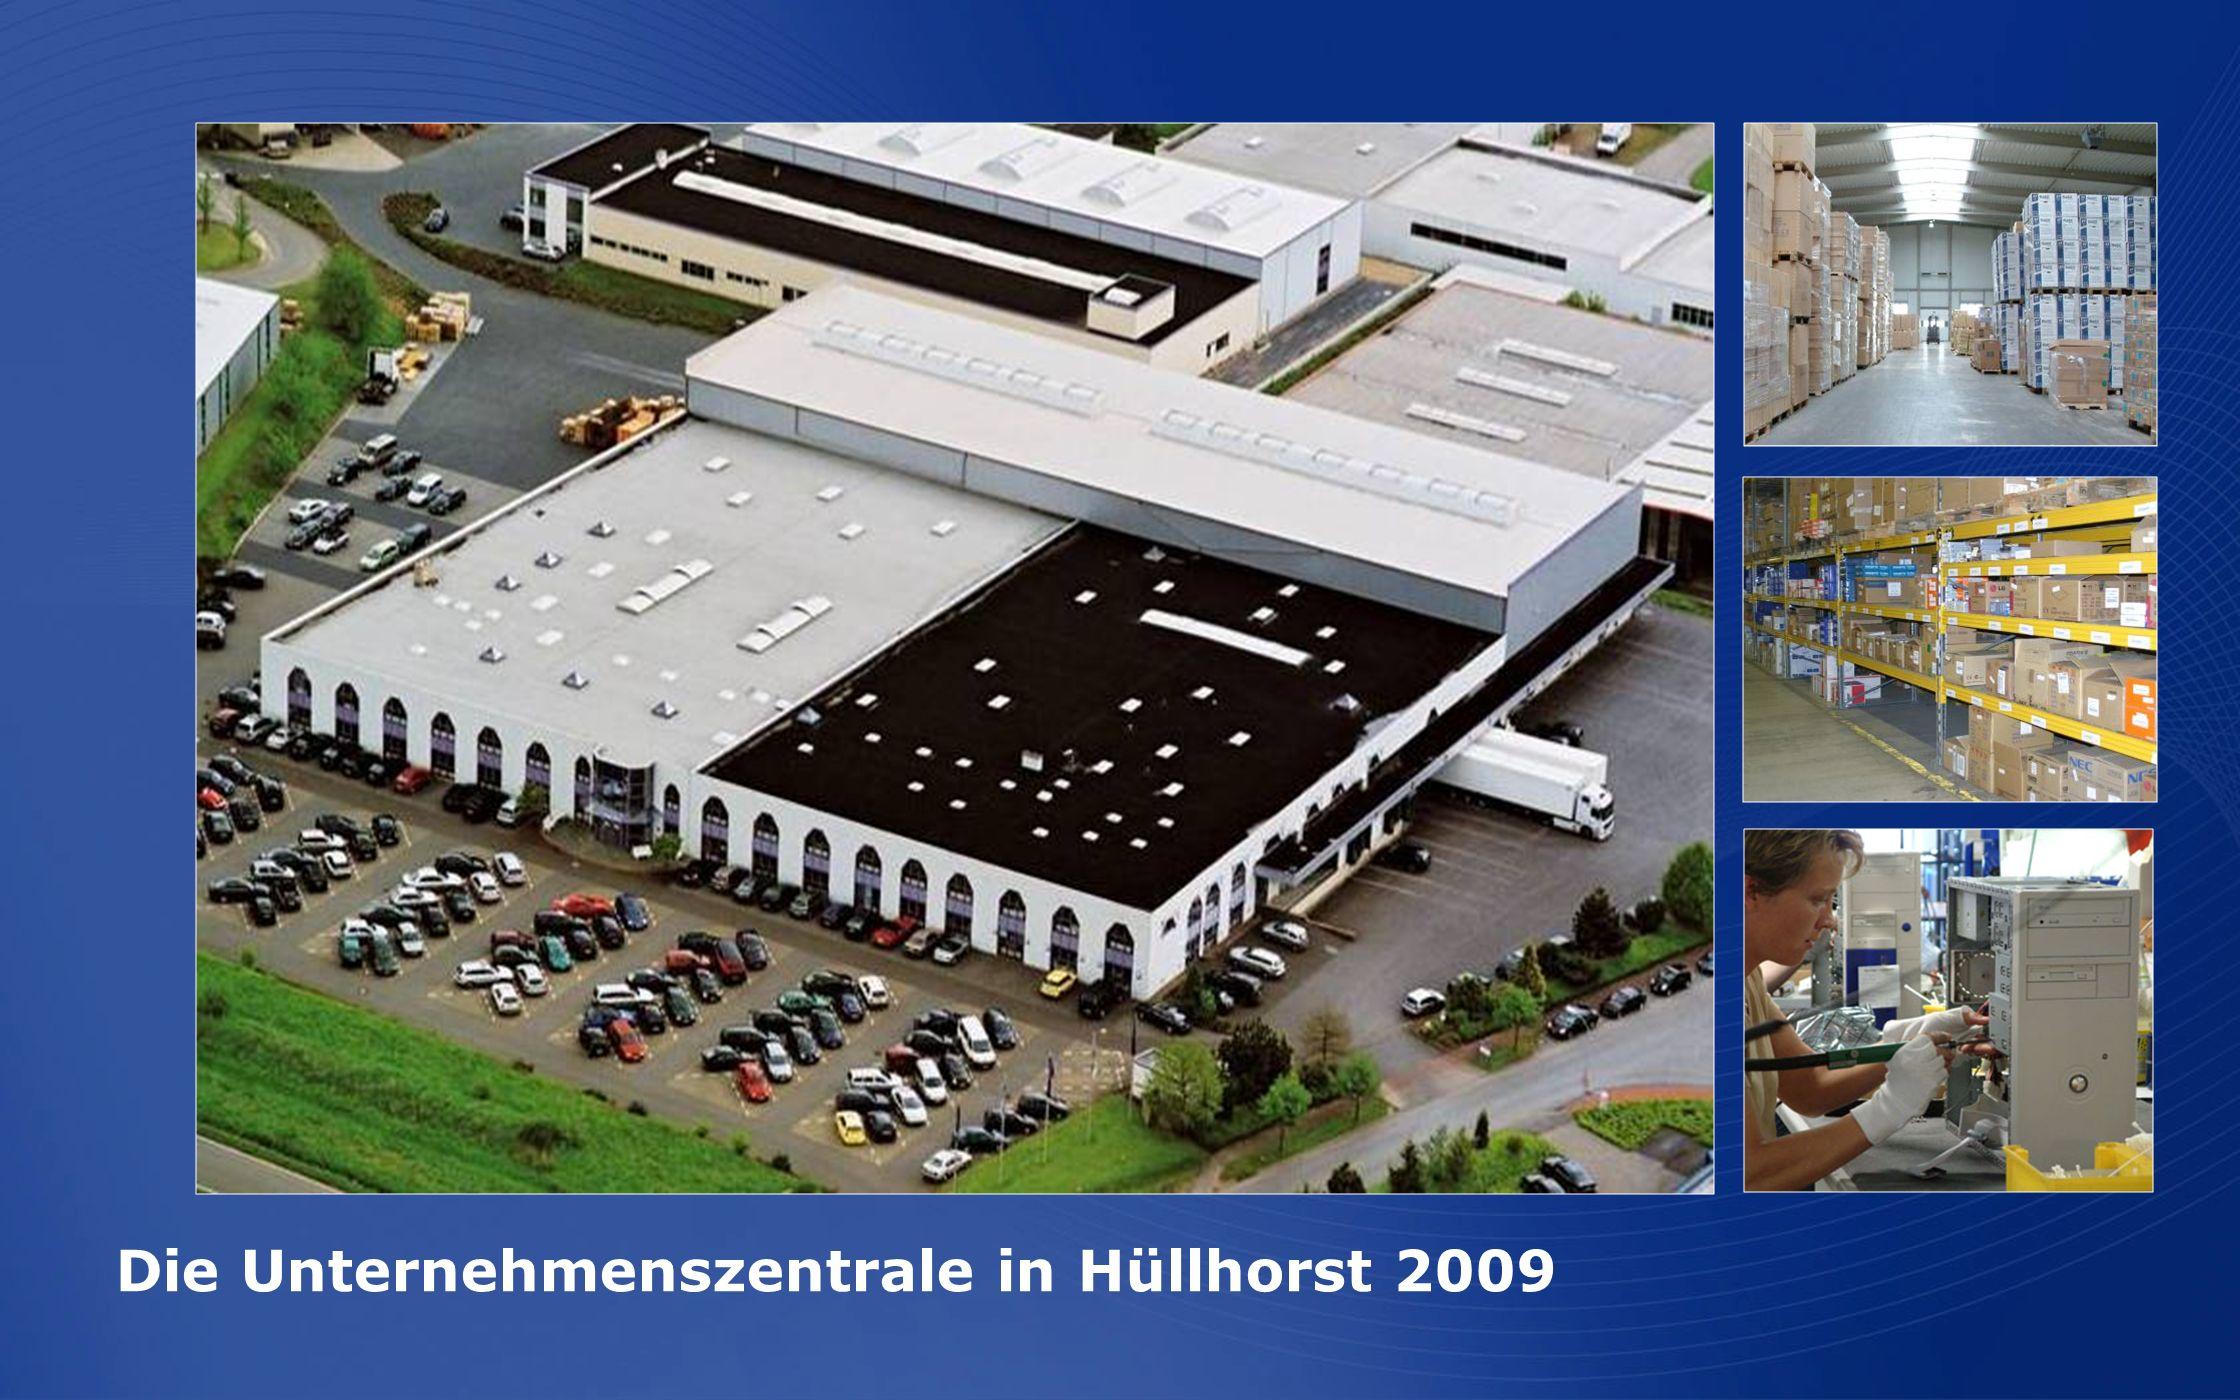 Die Unternehmenszentrale in Hüllhorst 2009